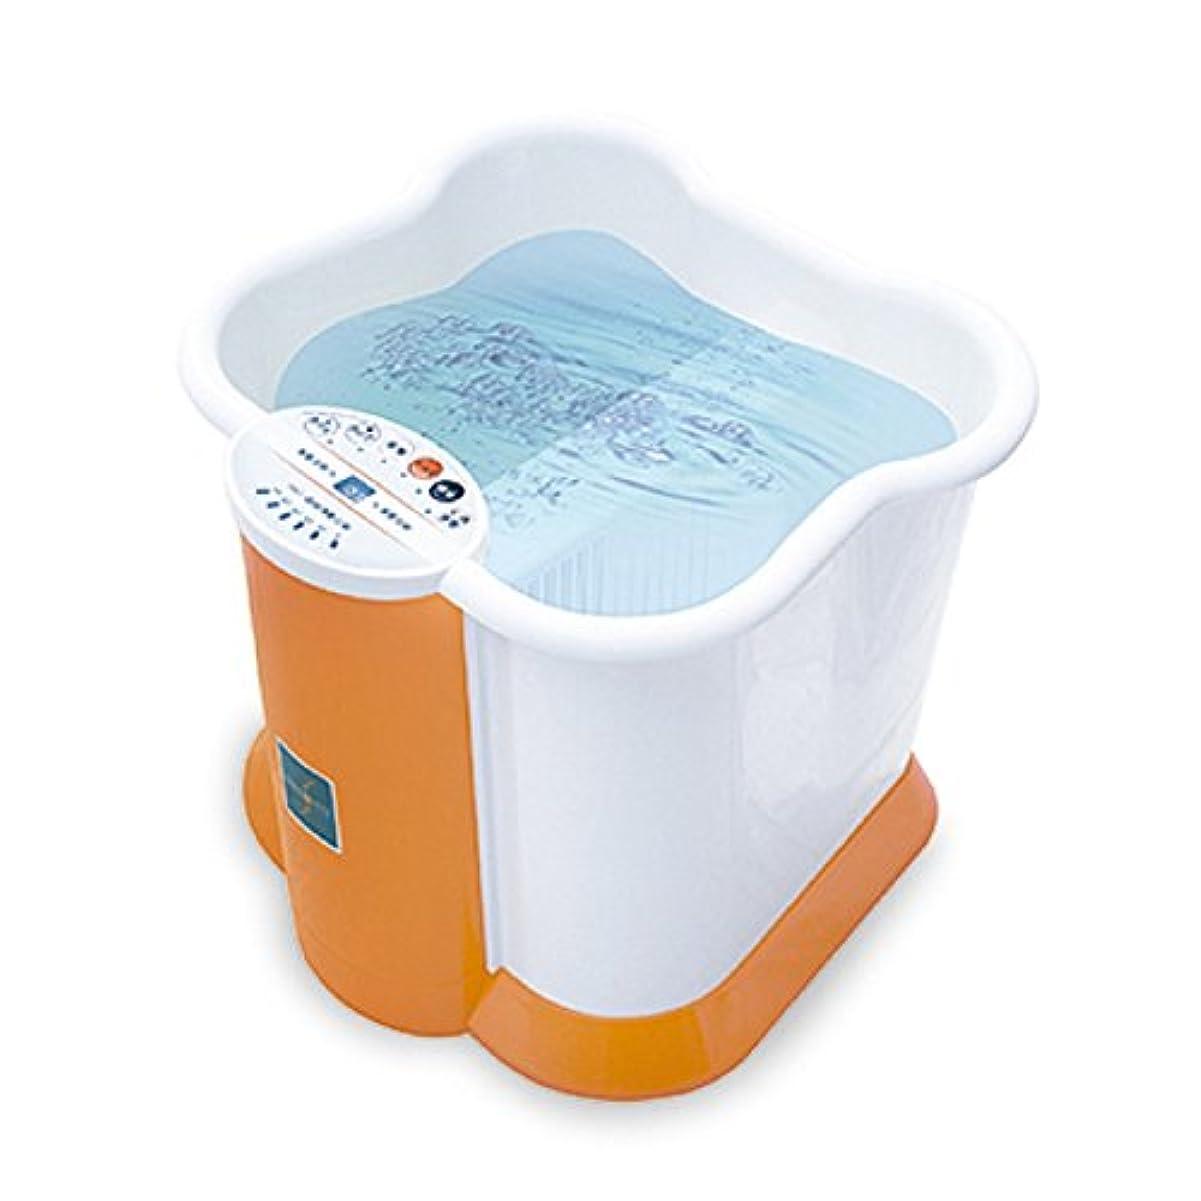 近々銀行麻痺させる深型 足湯 フットバス Ashiyu foot Spa KS-N1010 保温 バブル